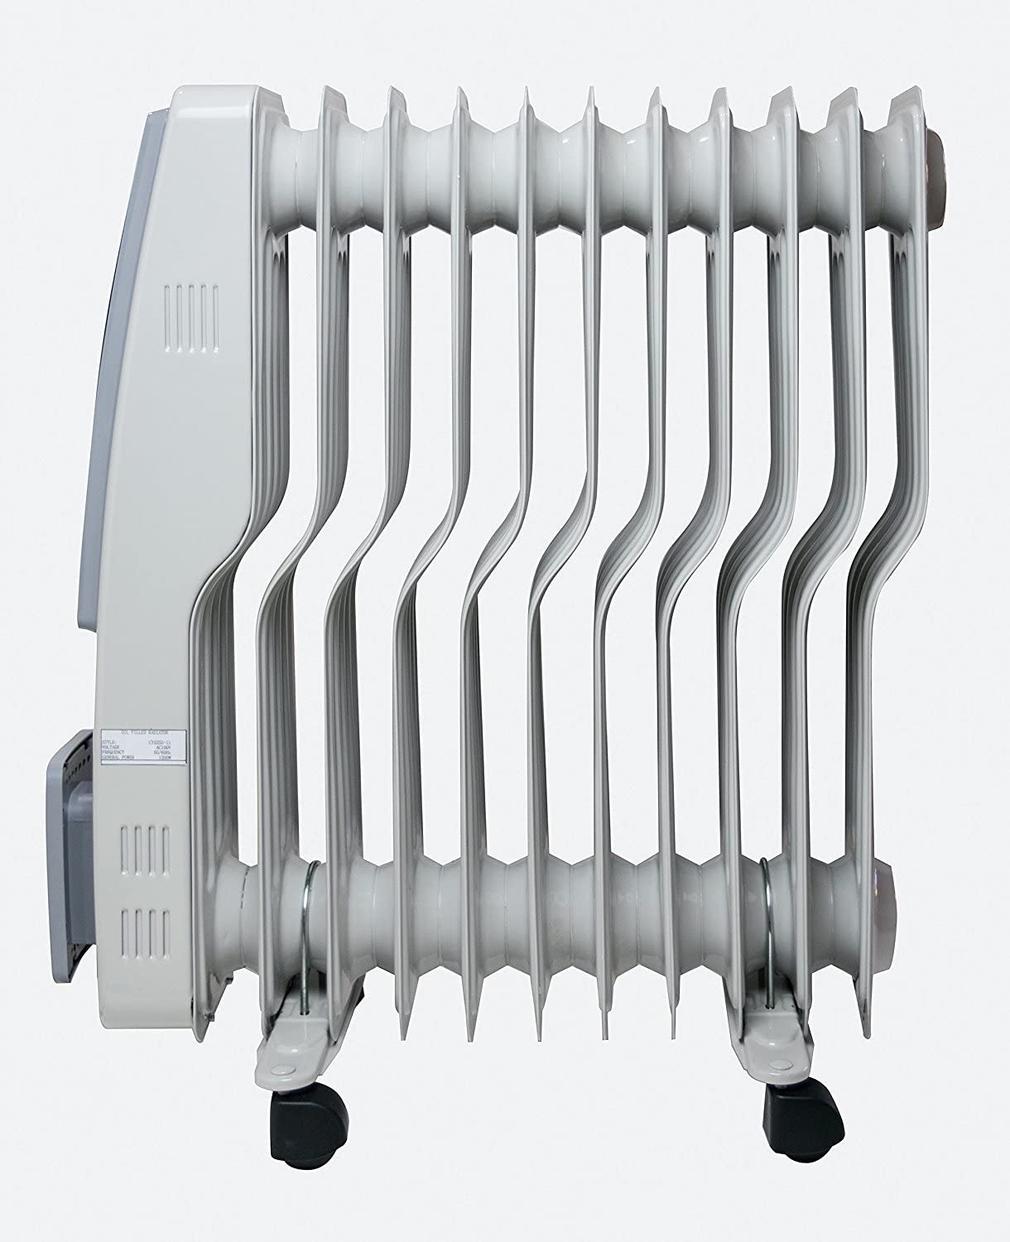 TEKNOS(テクノス) オイルヒーター TOH-D1101の商品画像2